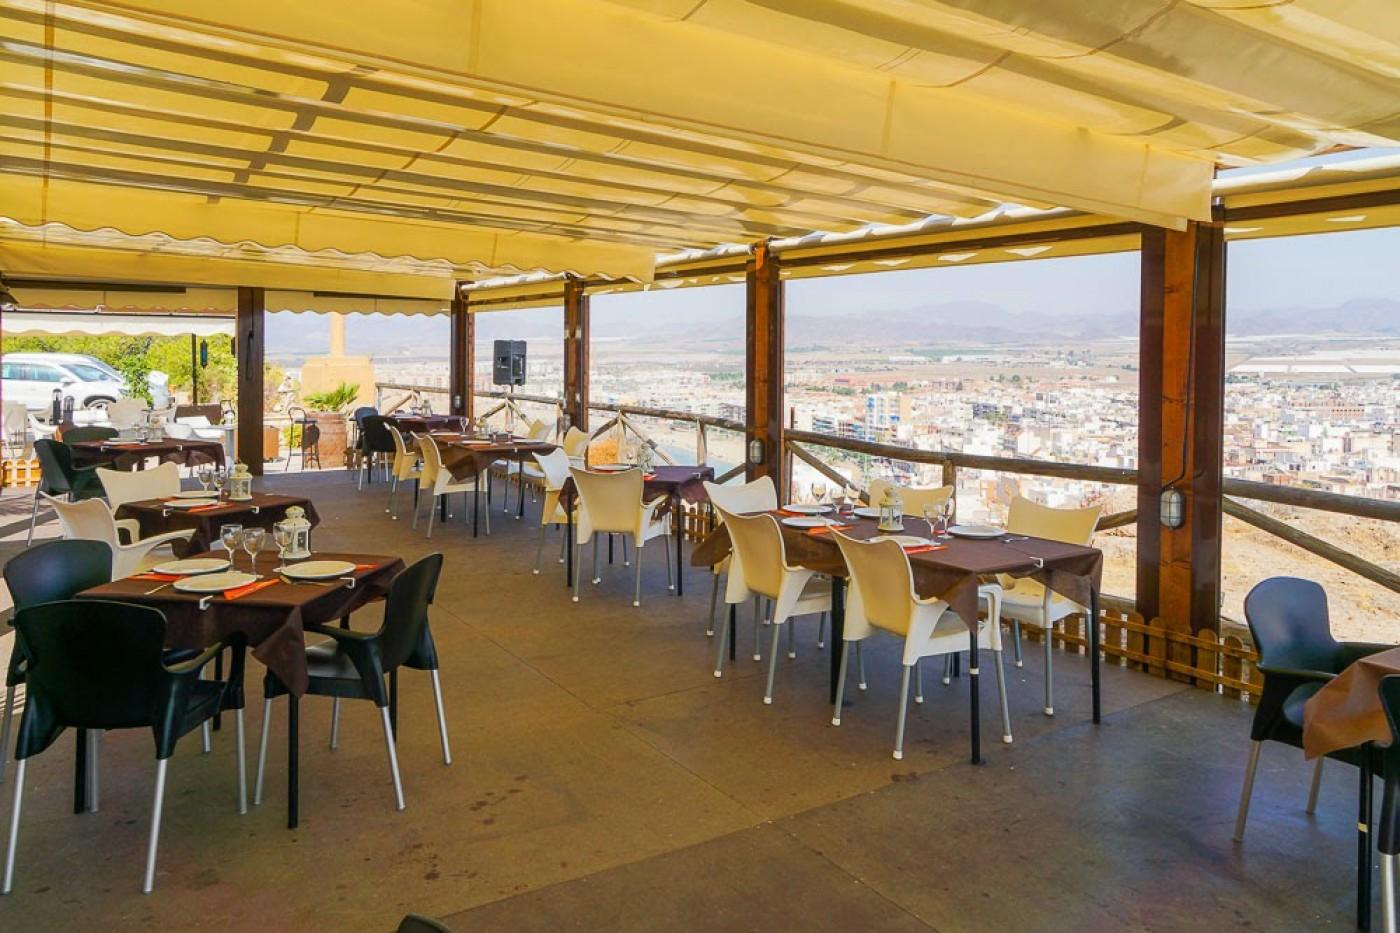 Restaurante Zoco del Mar in Águilas